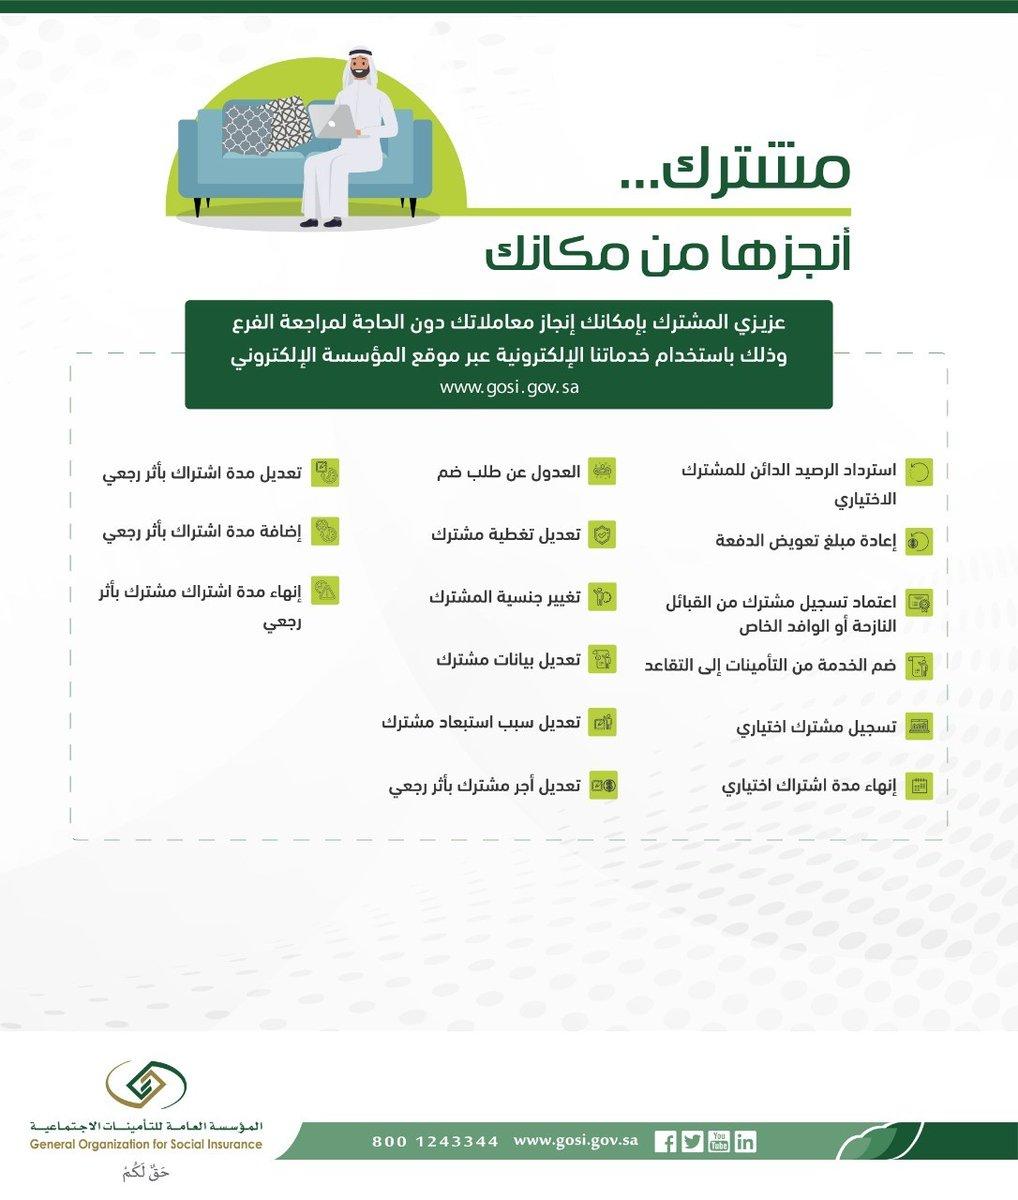 التأمينات الاجتماعية Saudigosi Twitter Analytics Trendsmap